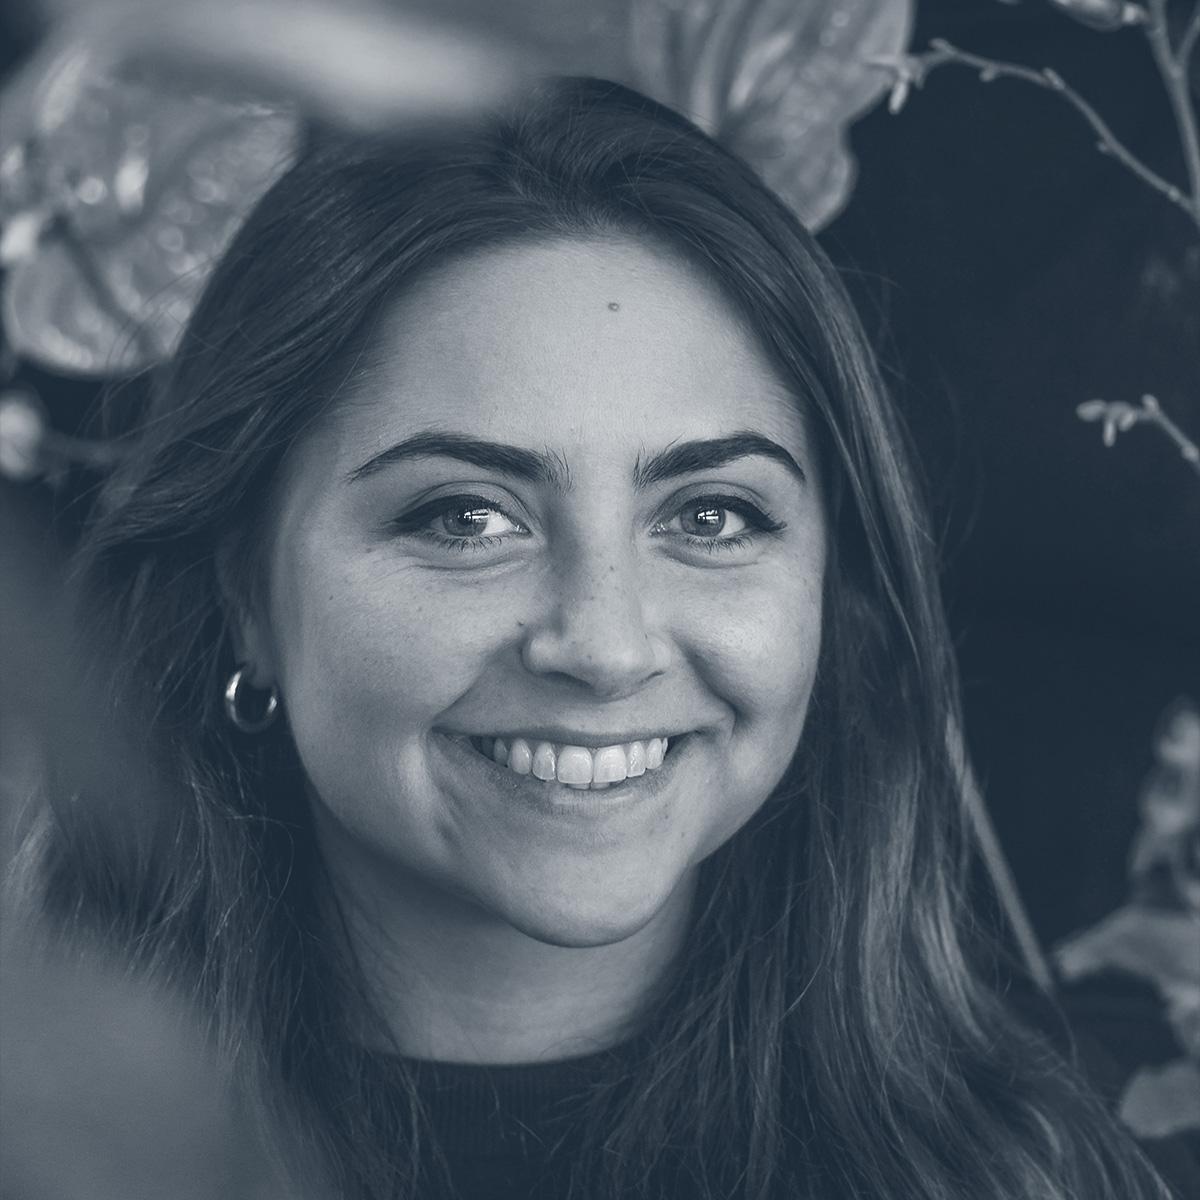 Martina Dellepiane